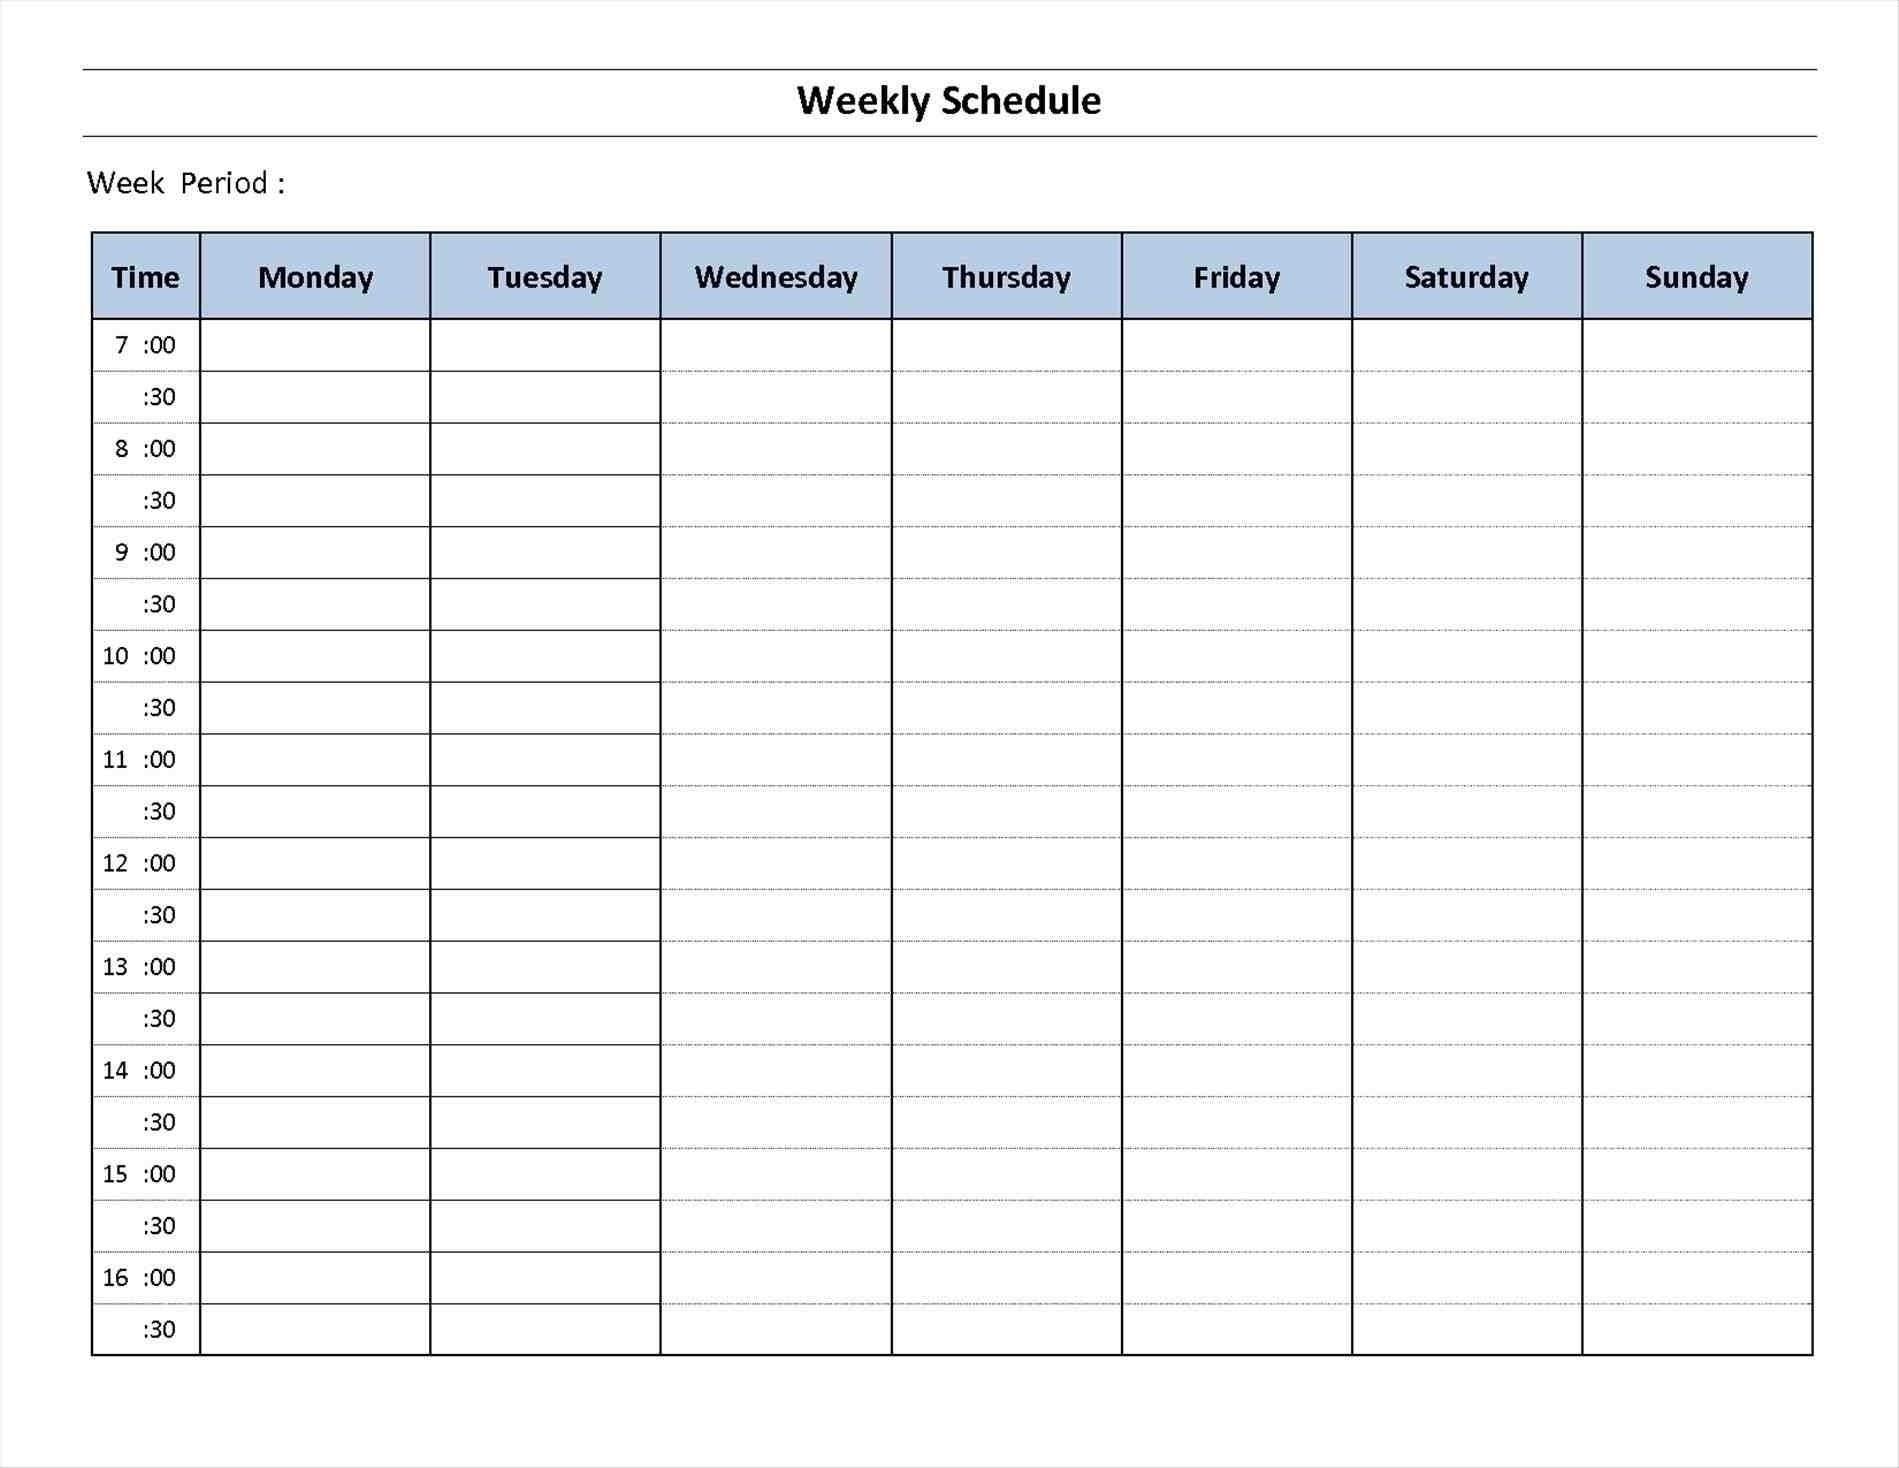 005 20Day Week Calendar Printable Template Weekly20Dule Work Excel 7 Day Hourly Calendar Template